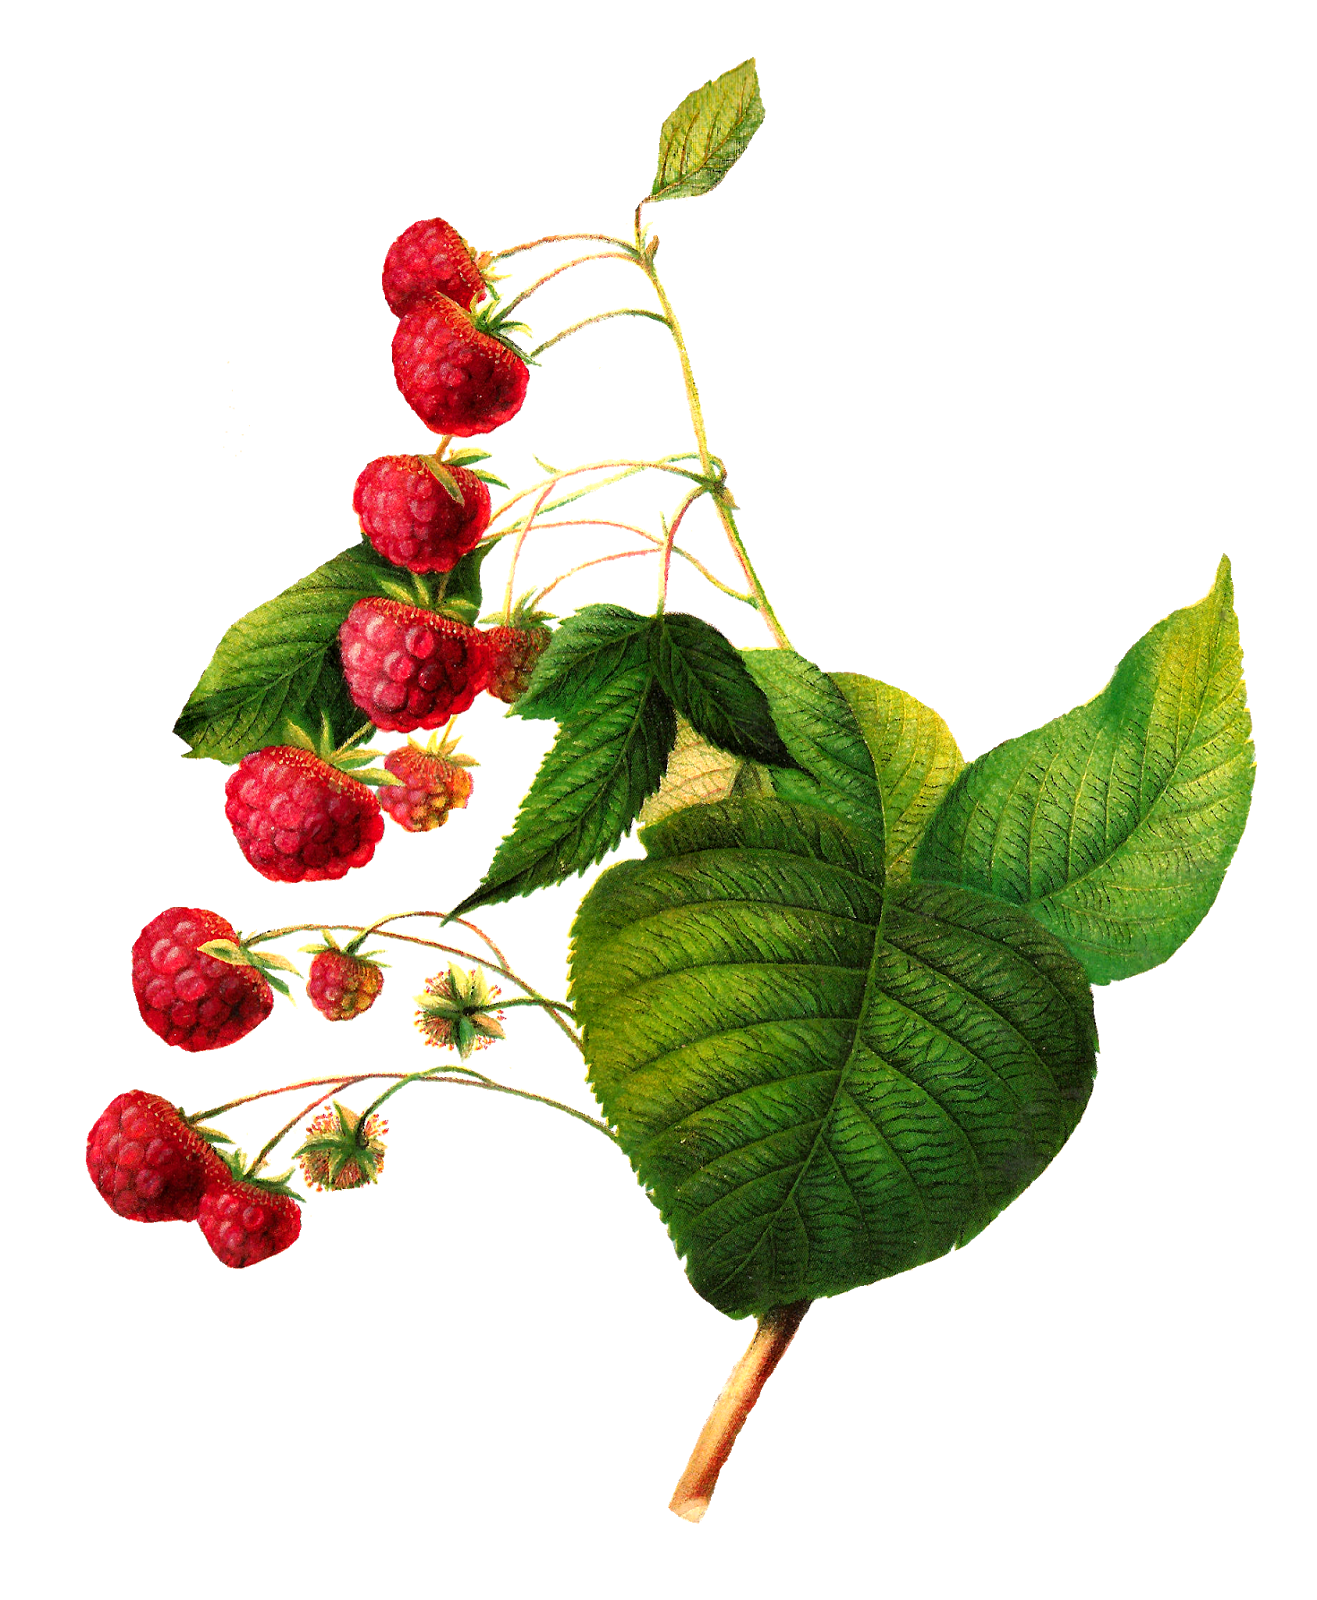 1317x1600 Antique Images Antique Raspberry Image Digital Fruit Clip Art